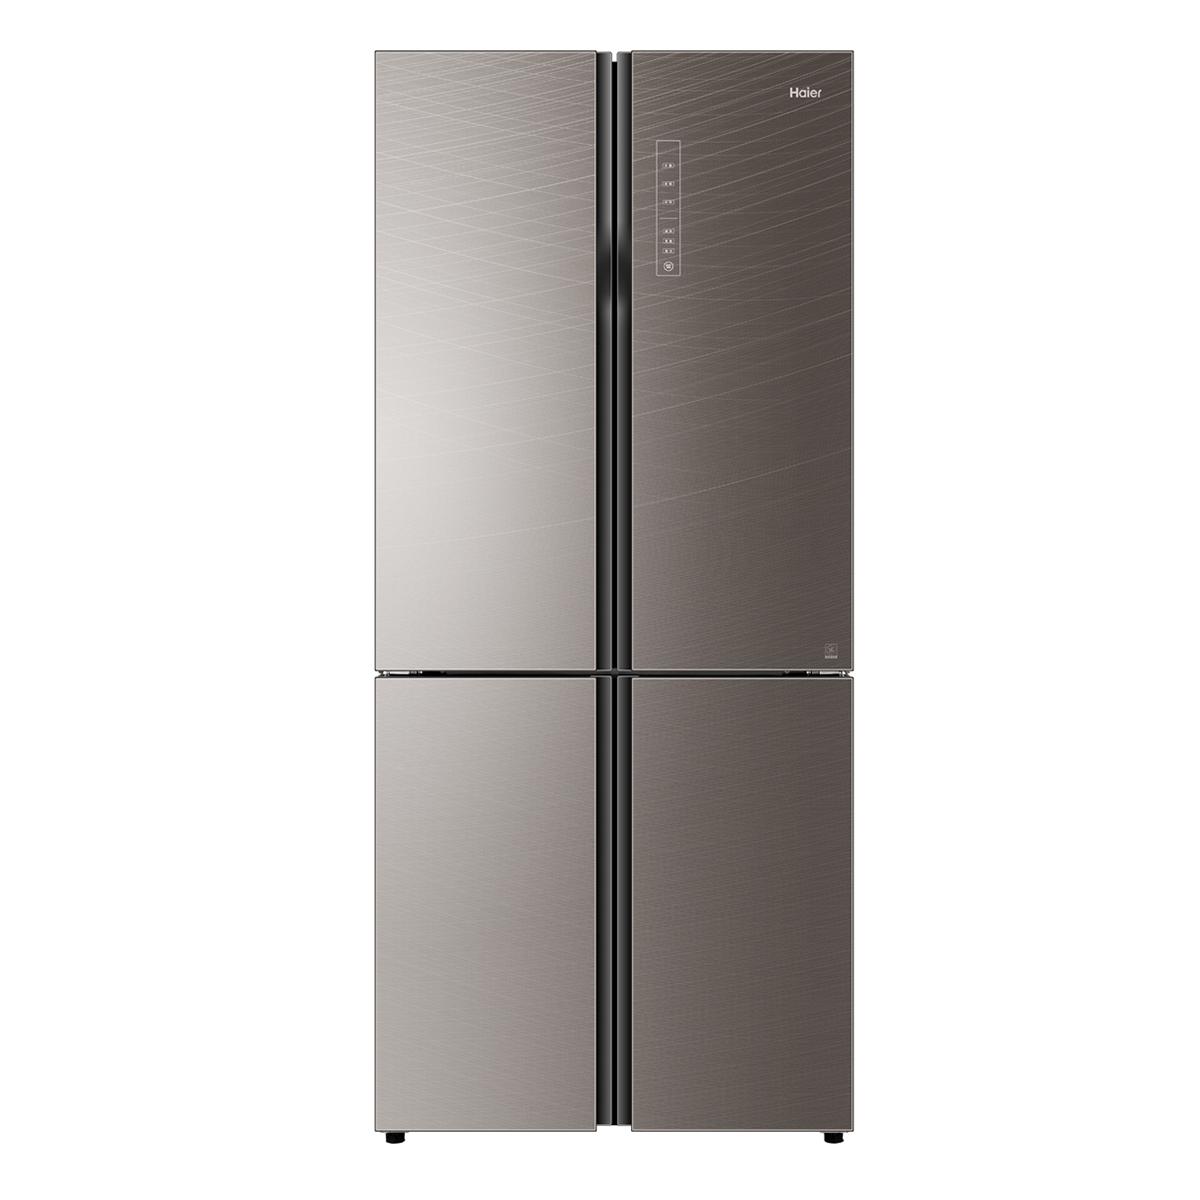 海尔Haier冰箱 BCD-550WDCG 说明书